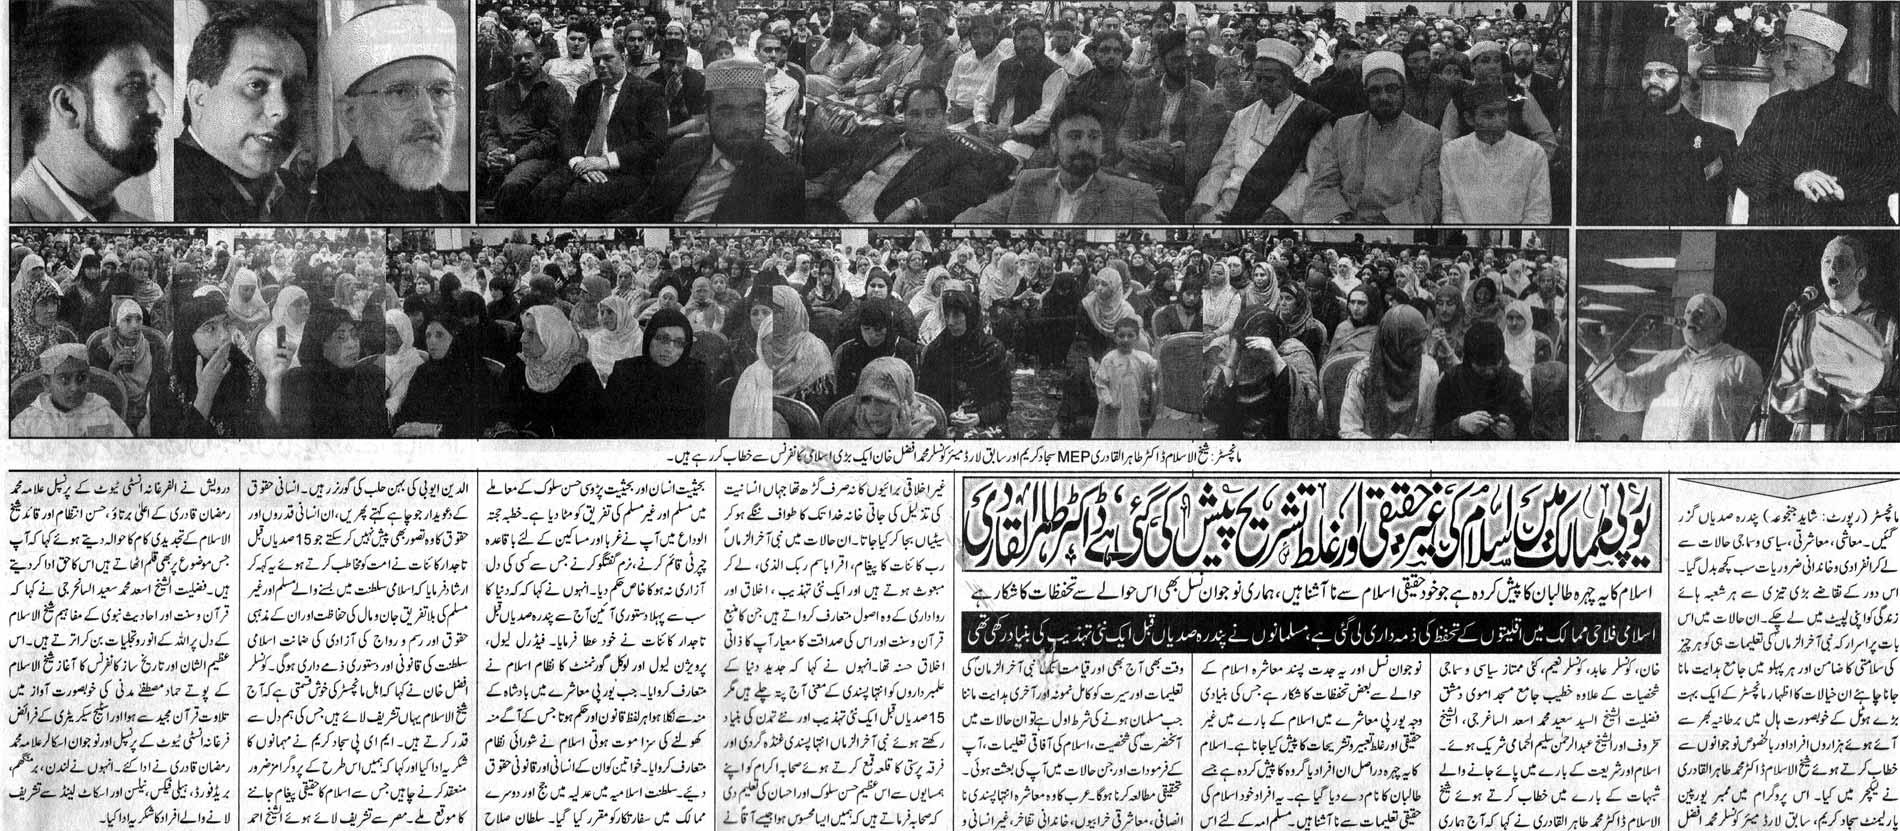 تحریک منہاج القرآن Minhaj-ul-Quran  Print Media Coverage پرنٹ میڈیا کوریج Daily The Naion London